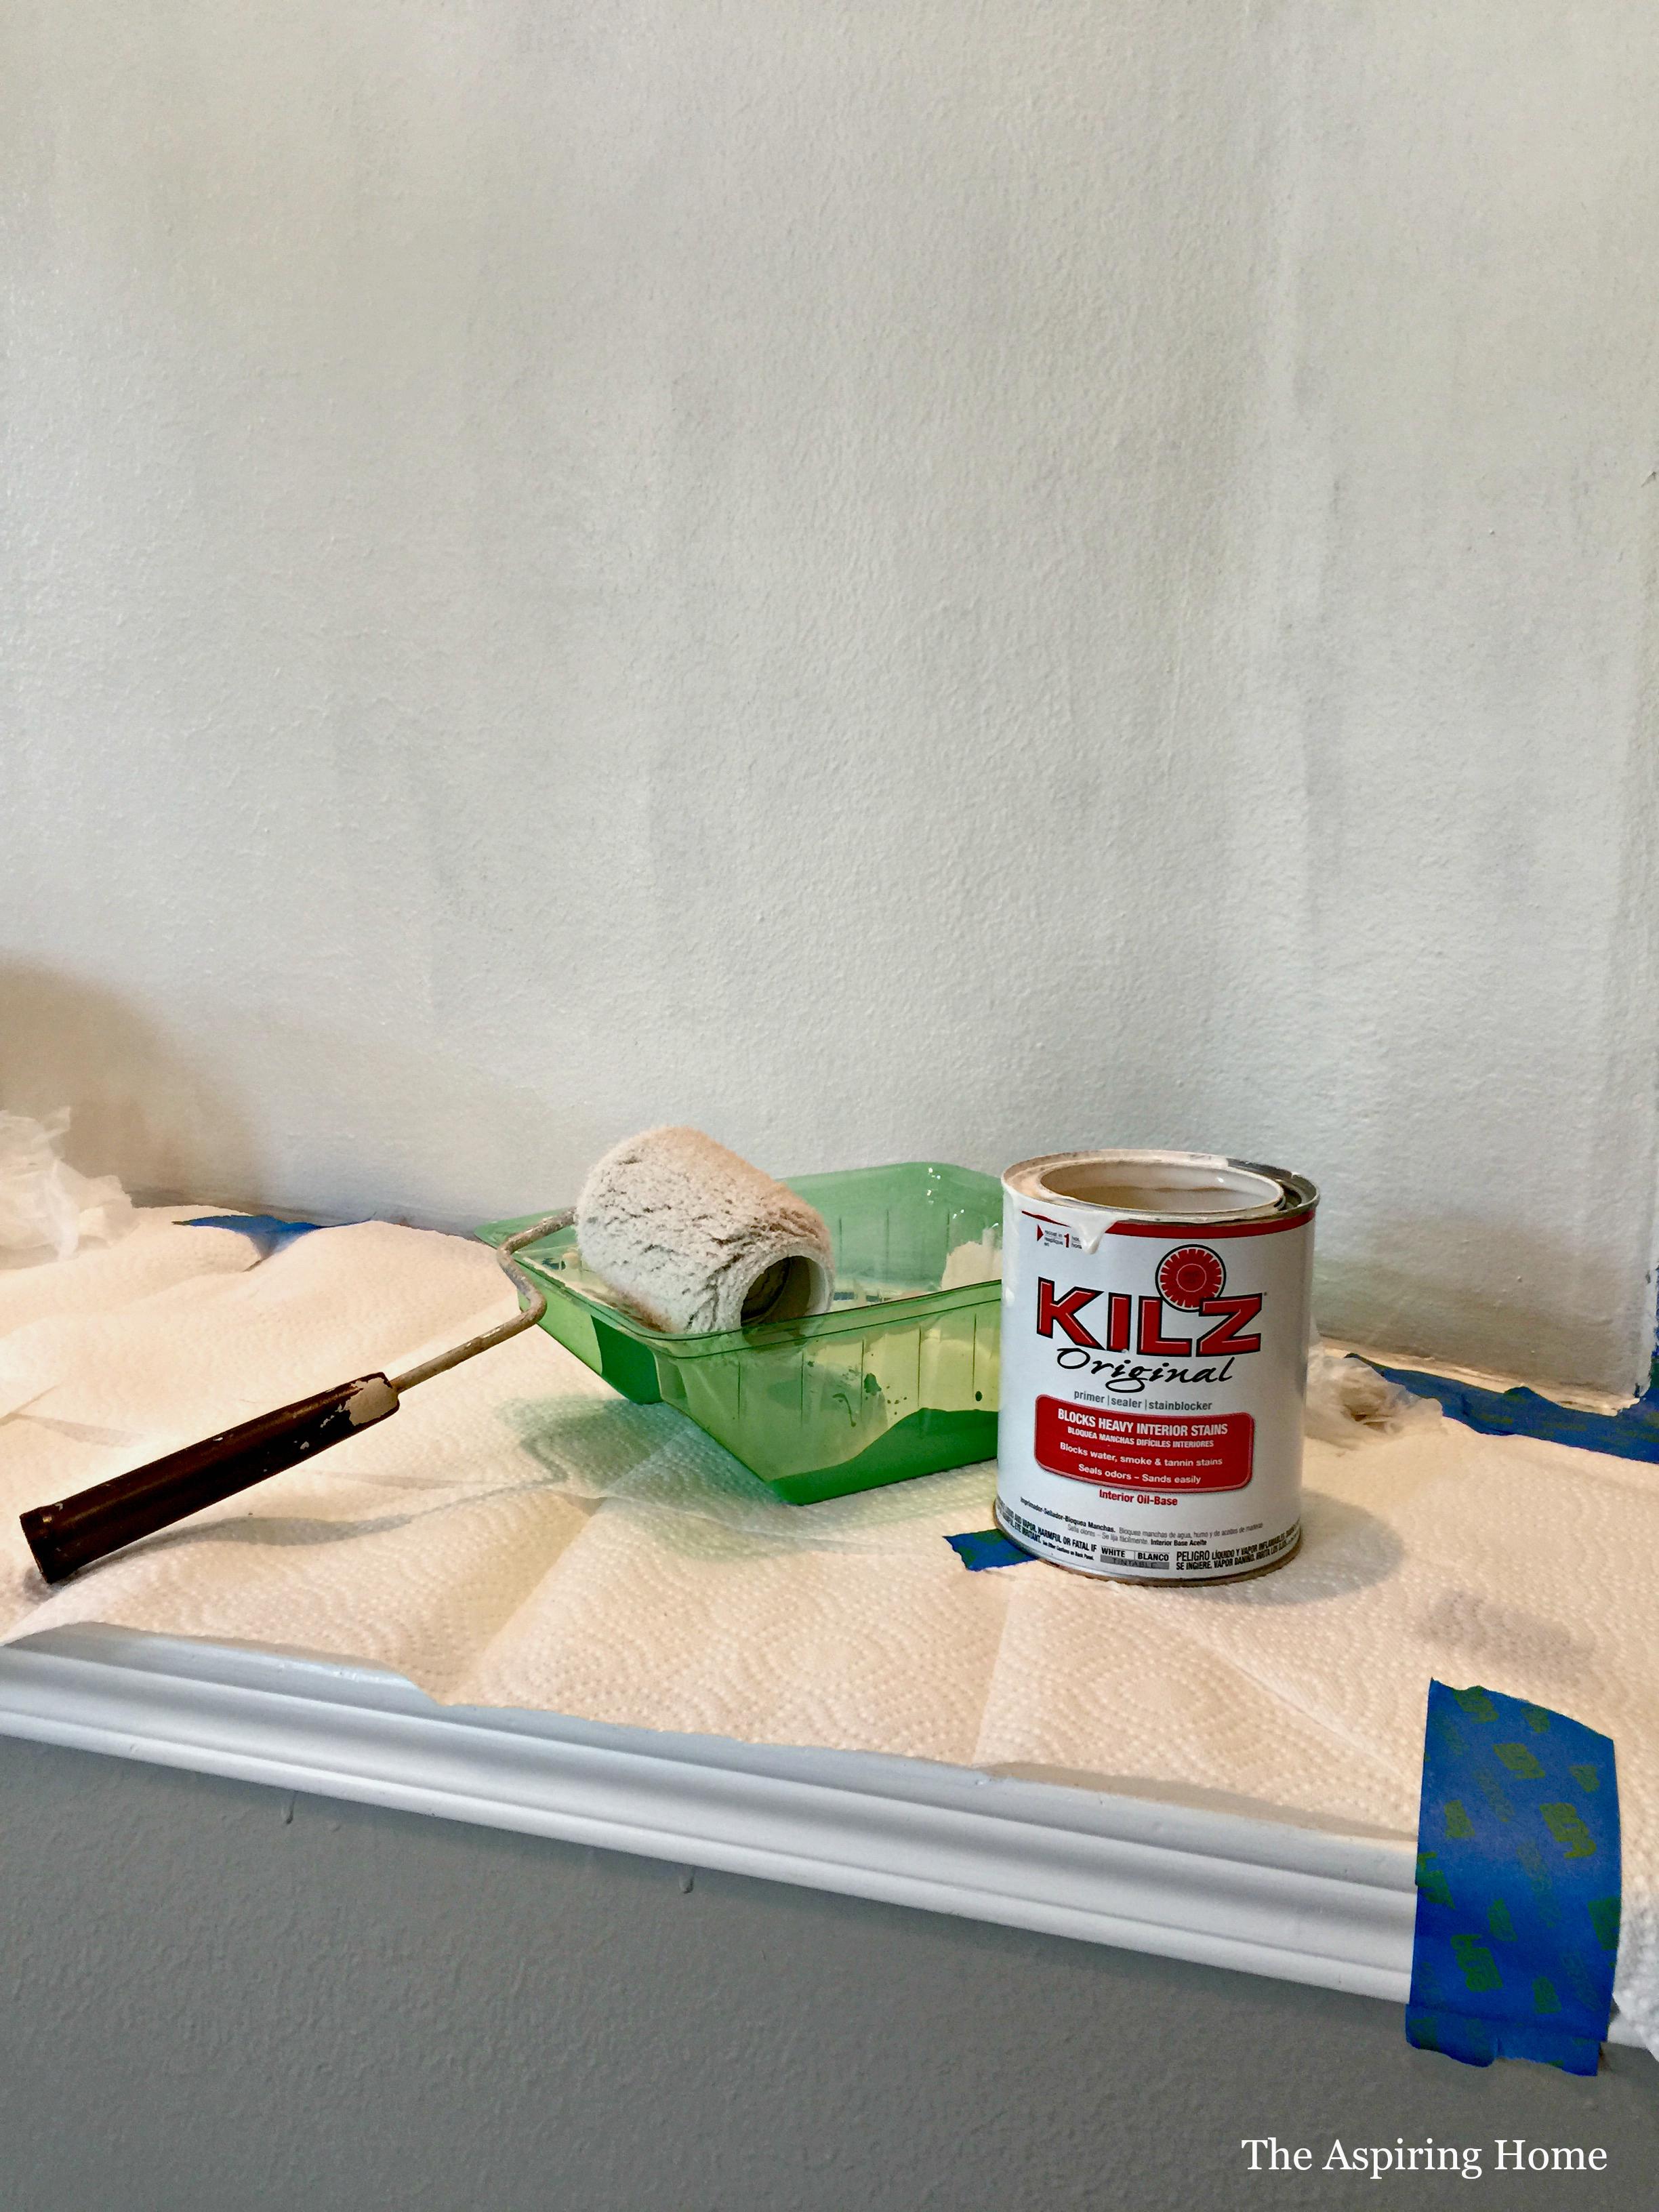 aspect-tile-primer-aspiring-home